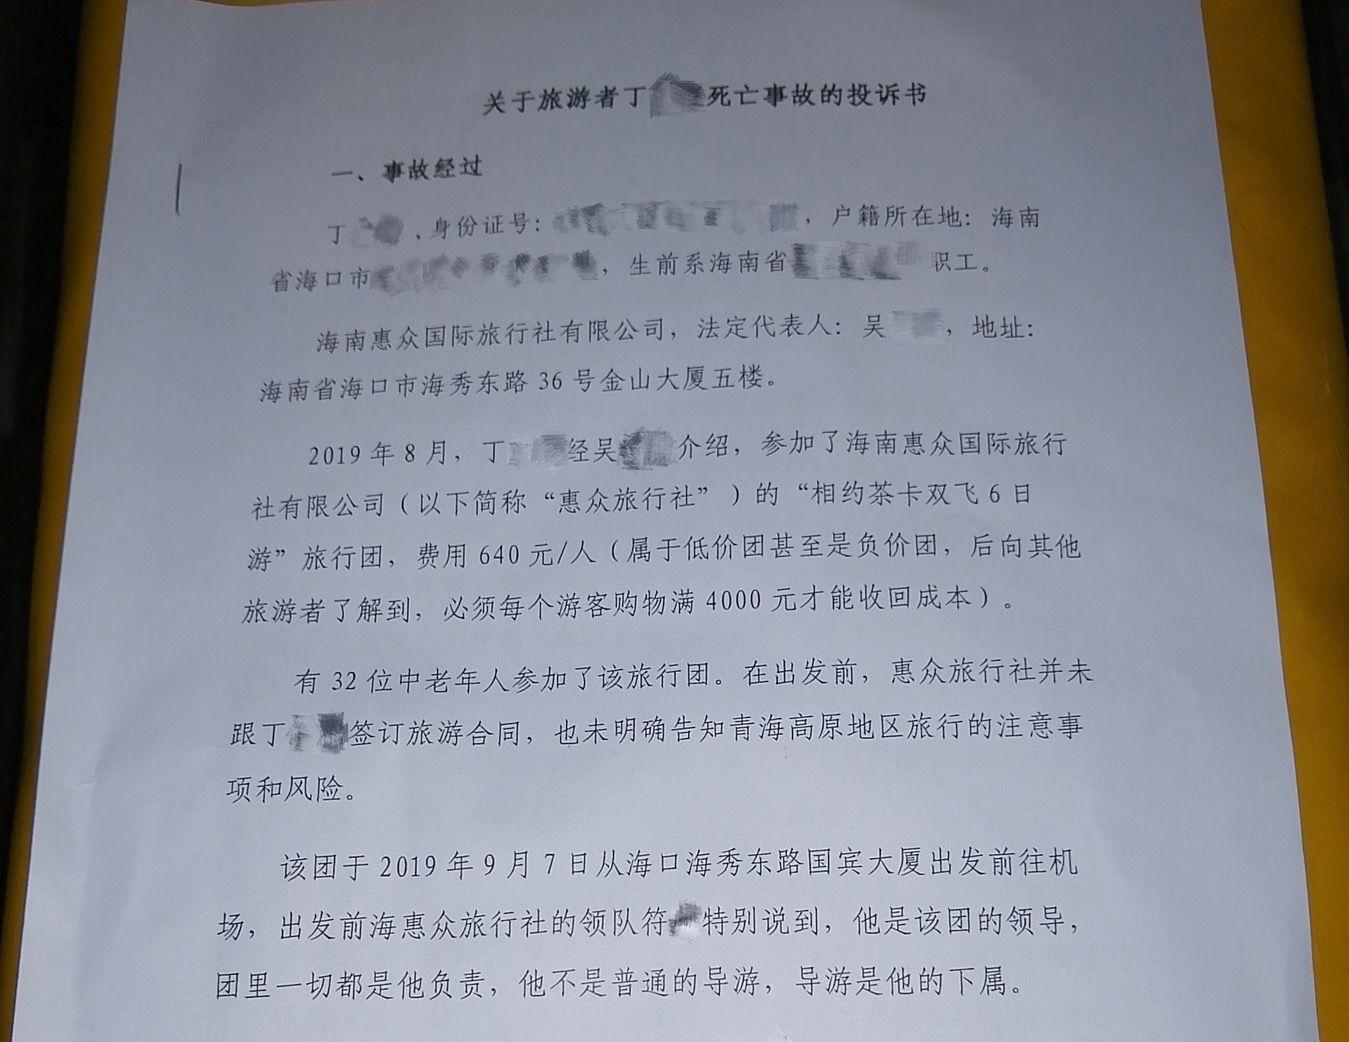 青海一低价团旅客疑因高反致死,旅行社称事前已告知风险